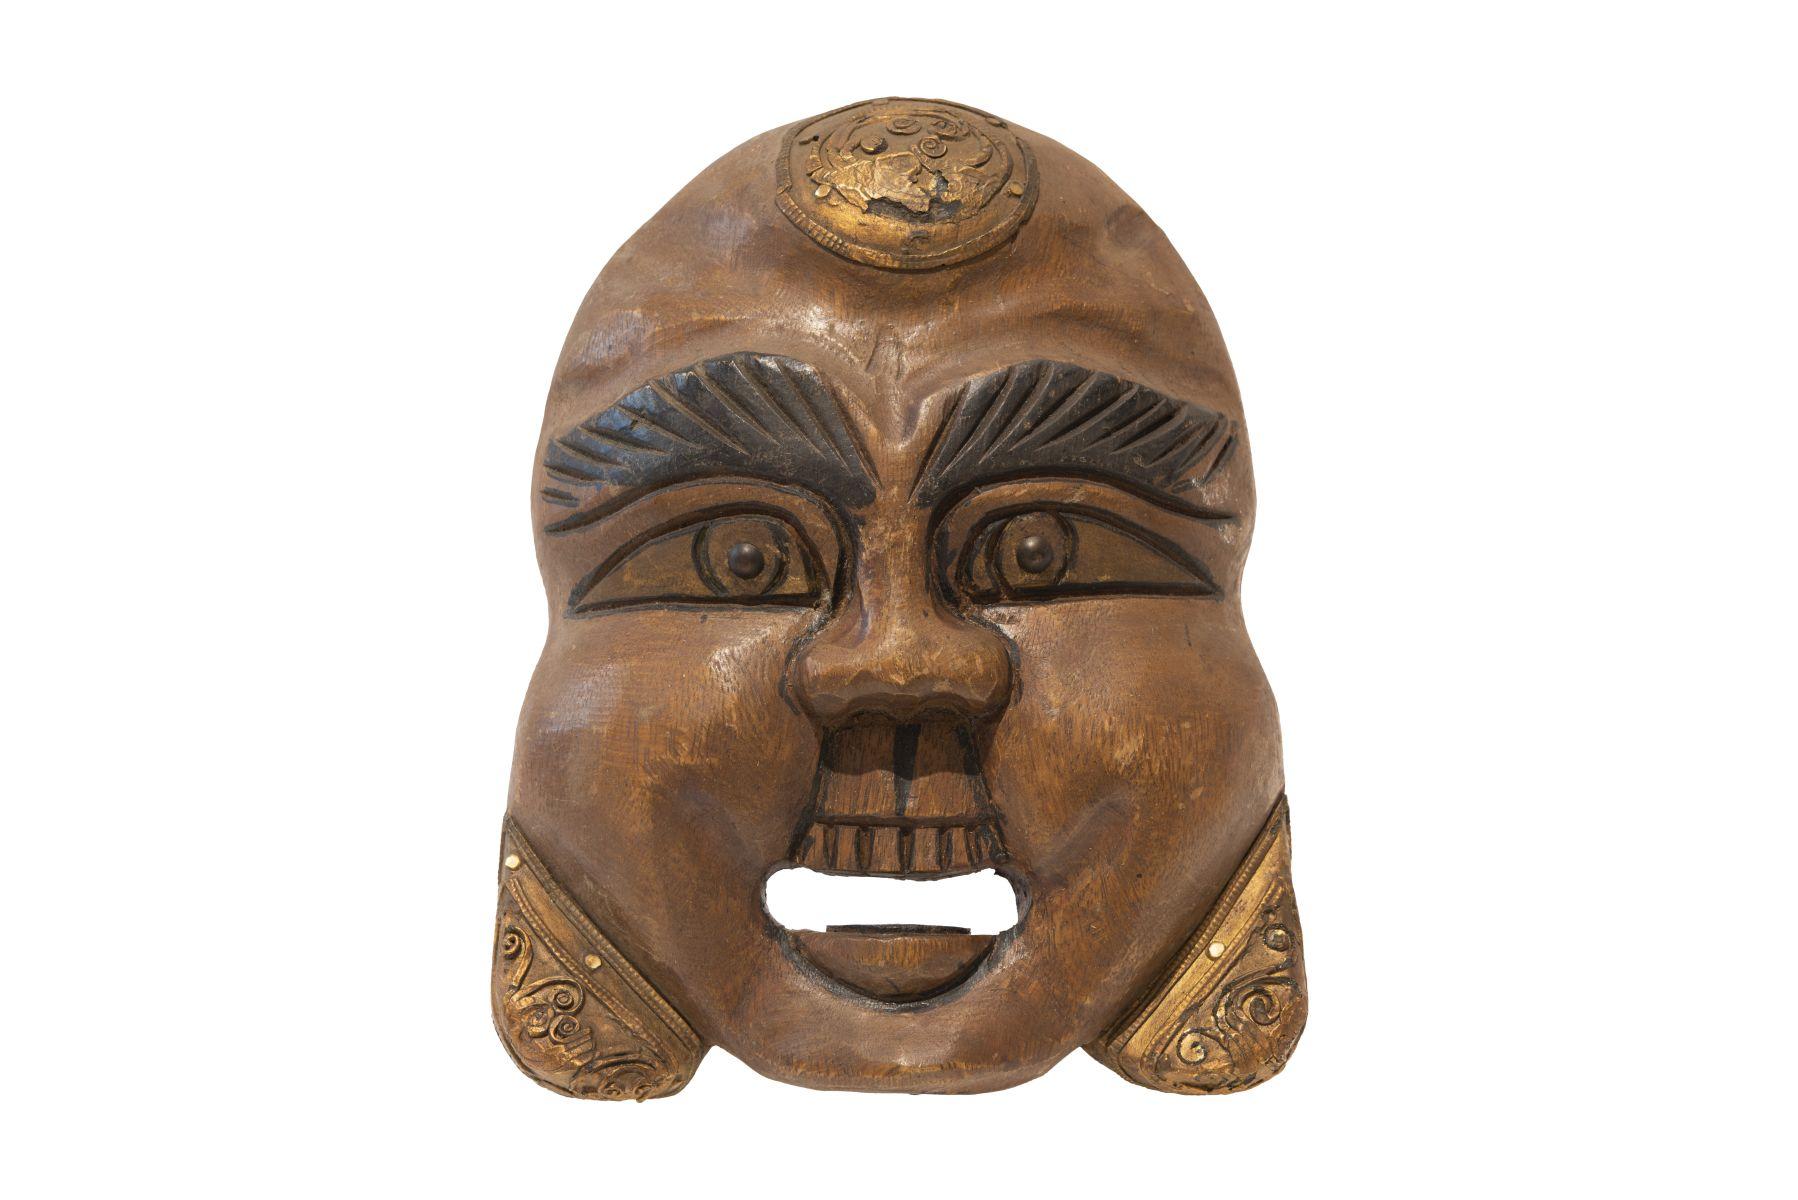 #41 Laughing wooden mask China | Lachende Holzmaske China Image